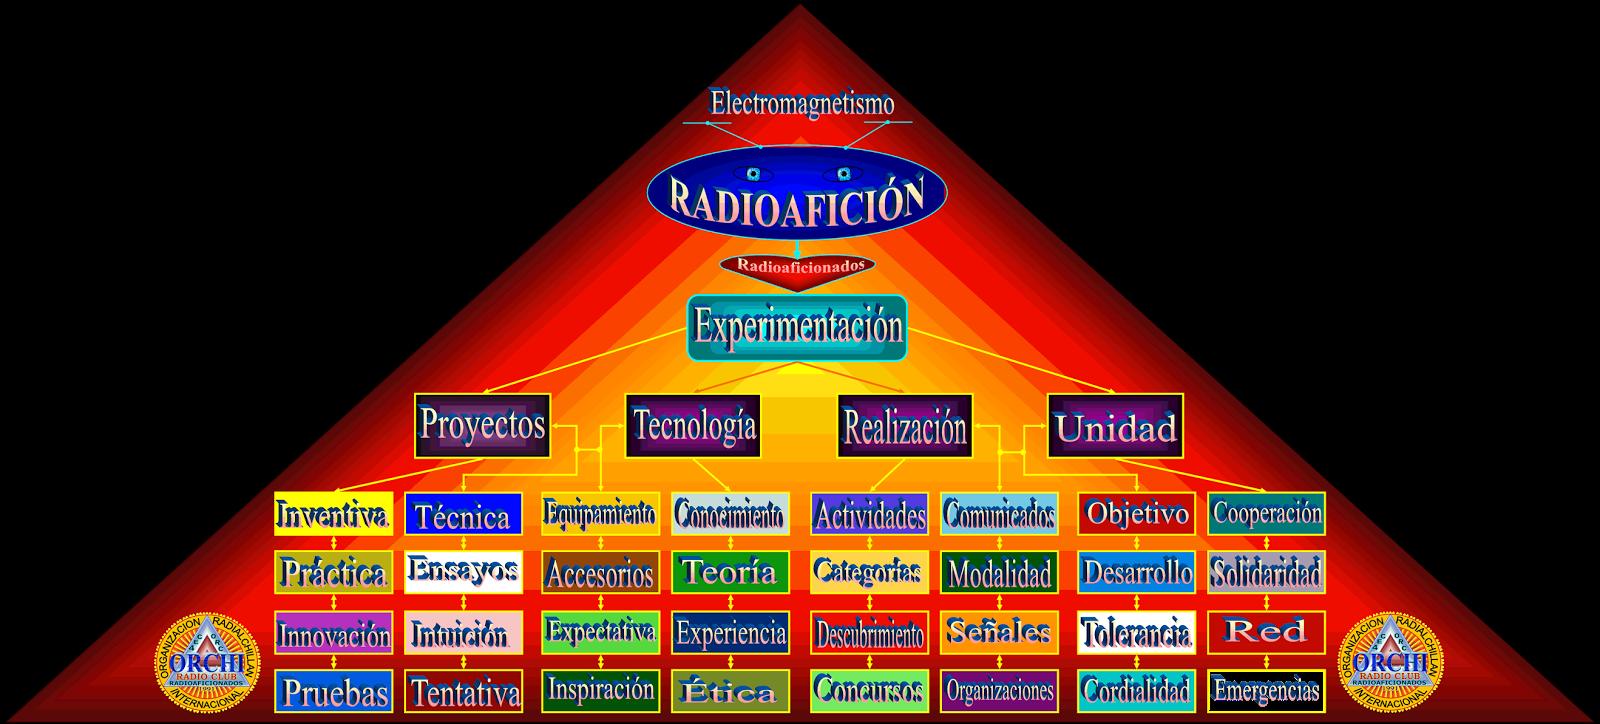 radioaficion-de-los-radioaficionados-amateur-radio-experimentation